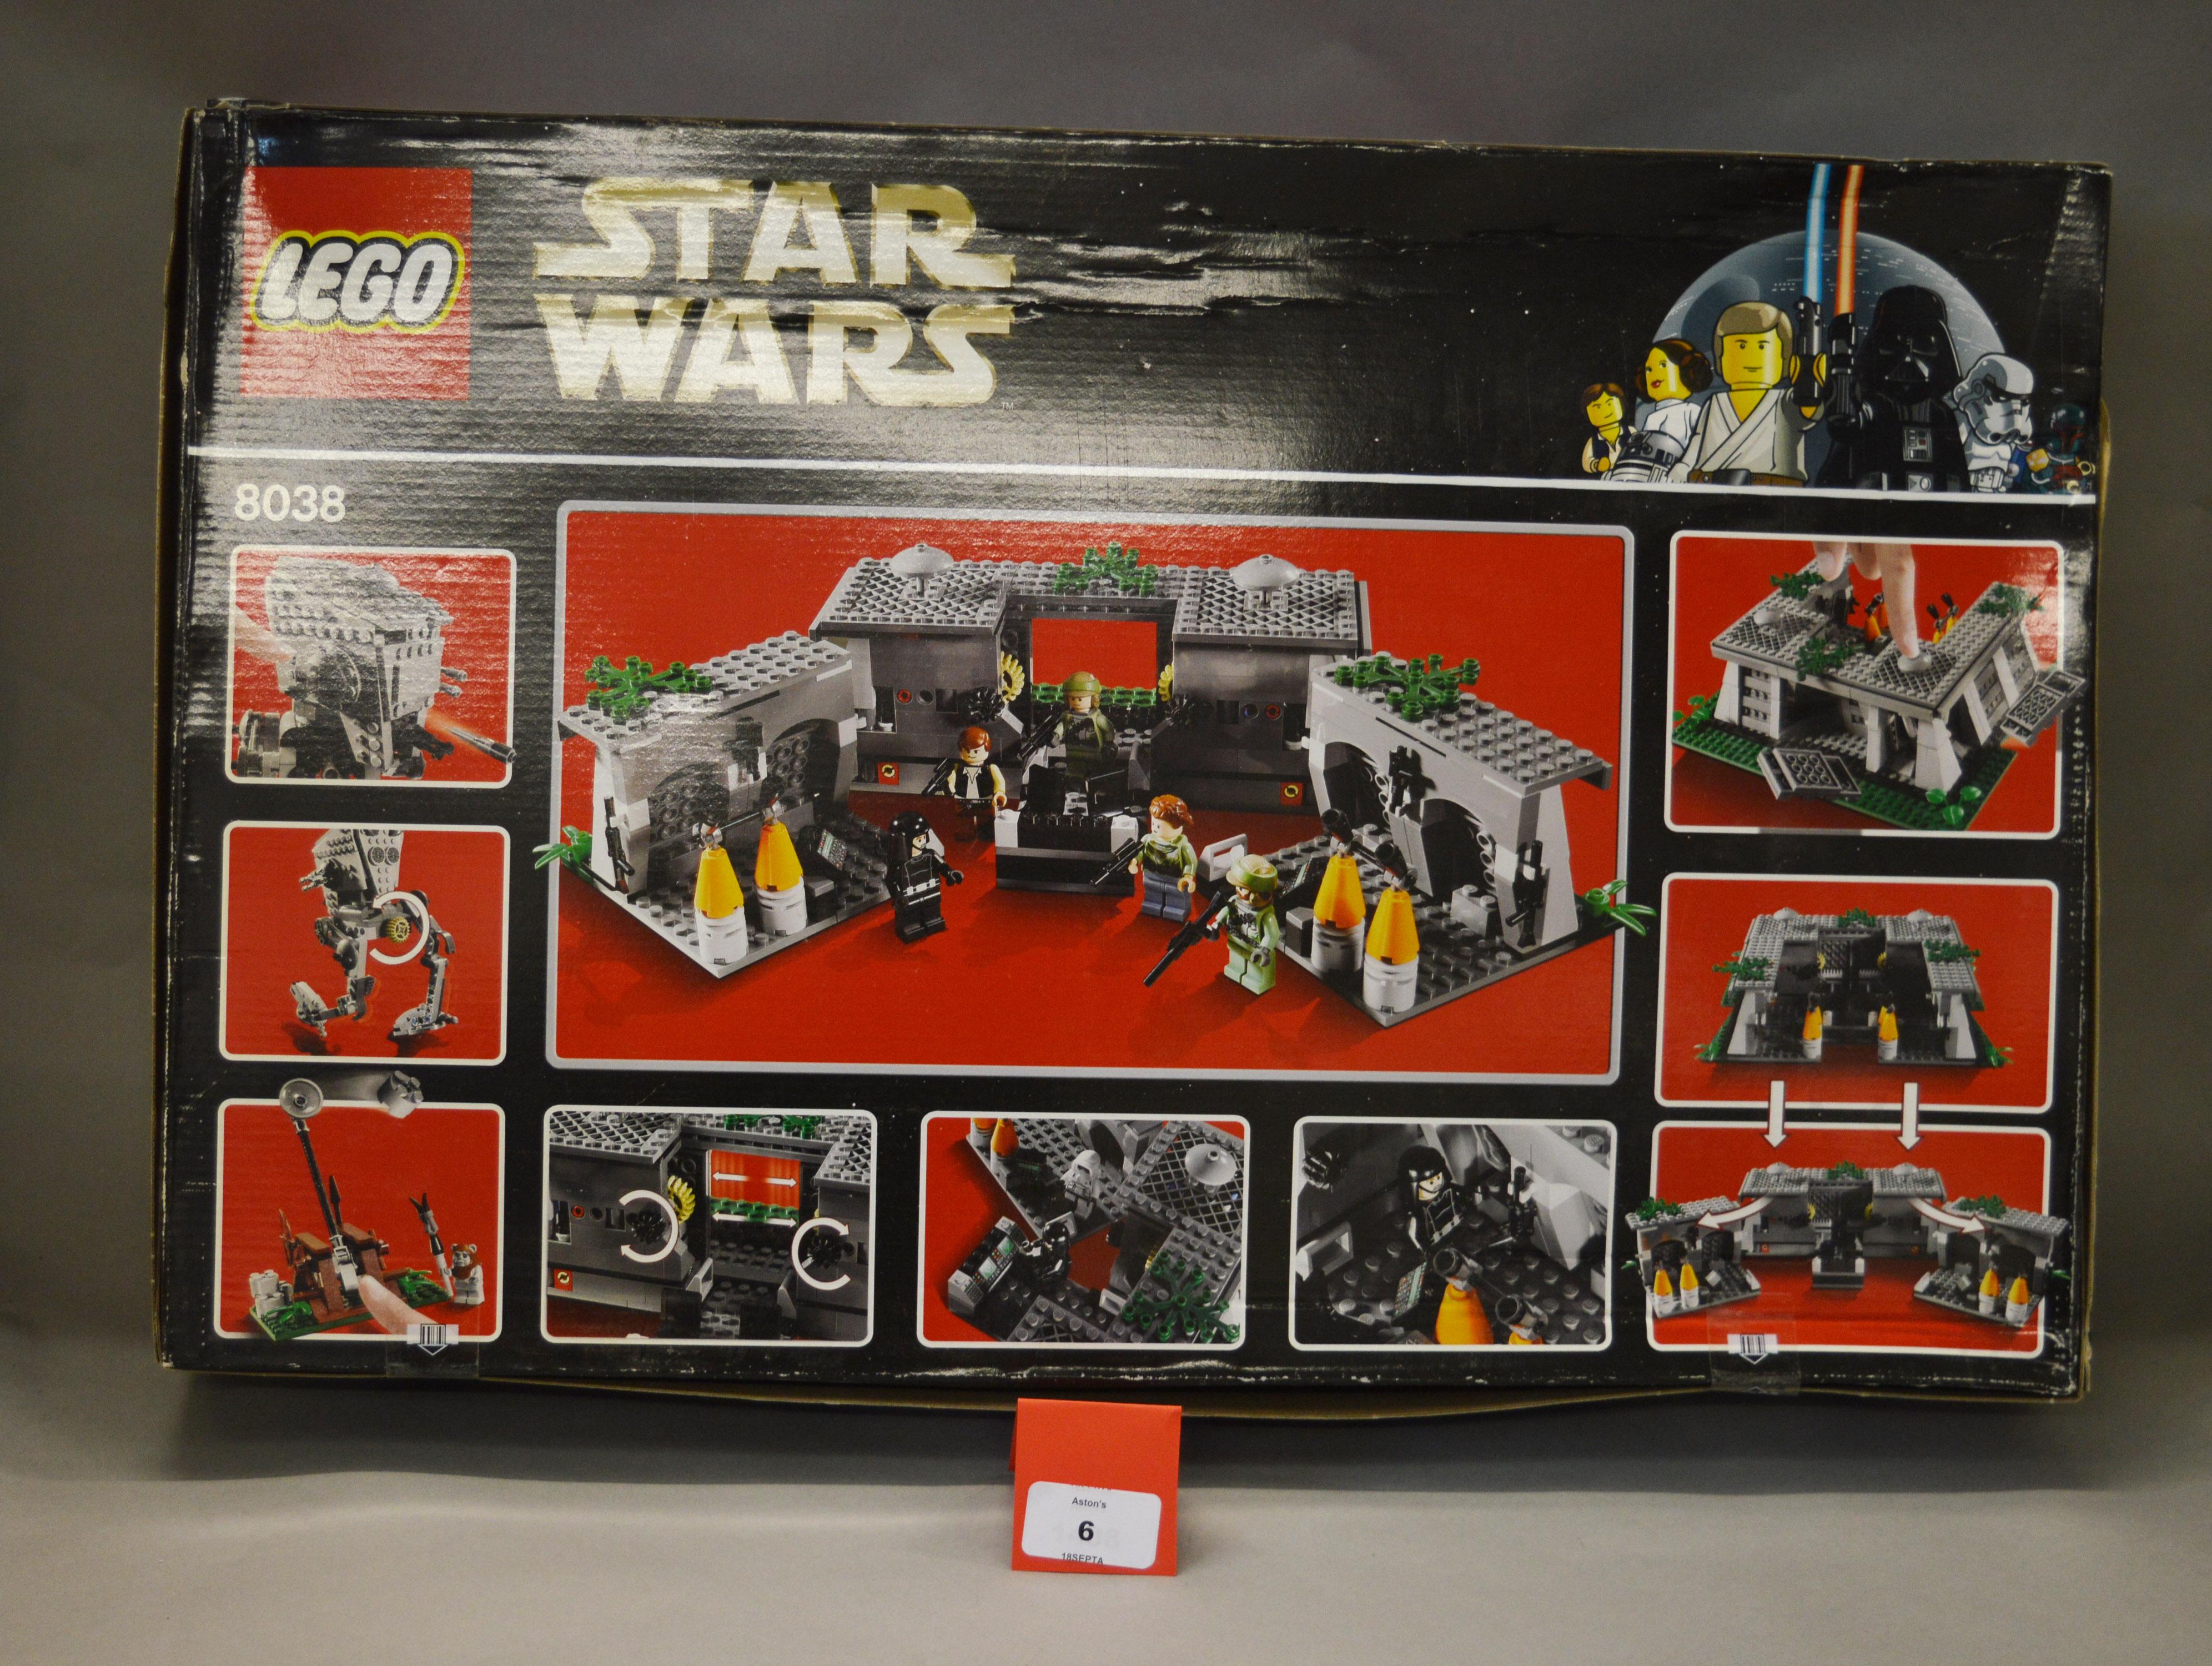 Lot 6 - Lego Star Wars 8038 The Battle of Endor. Sealed.